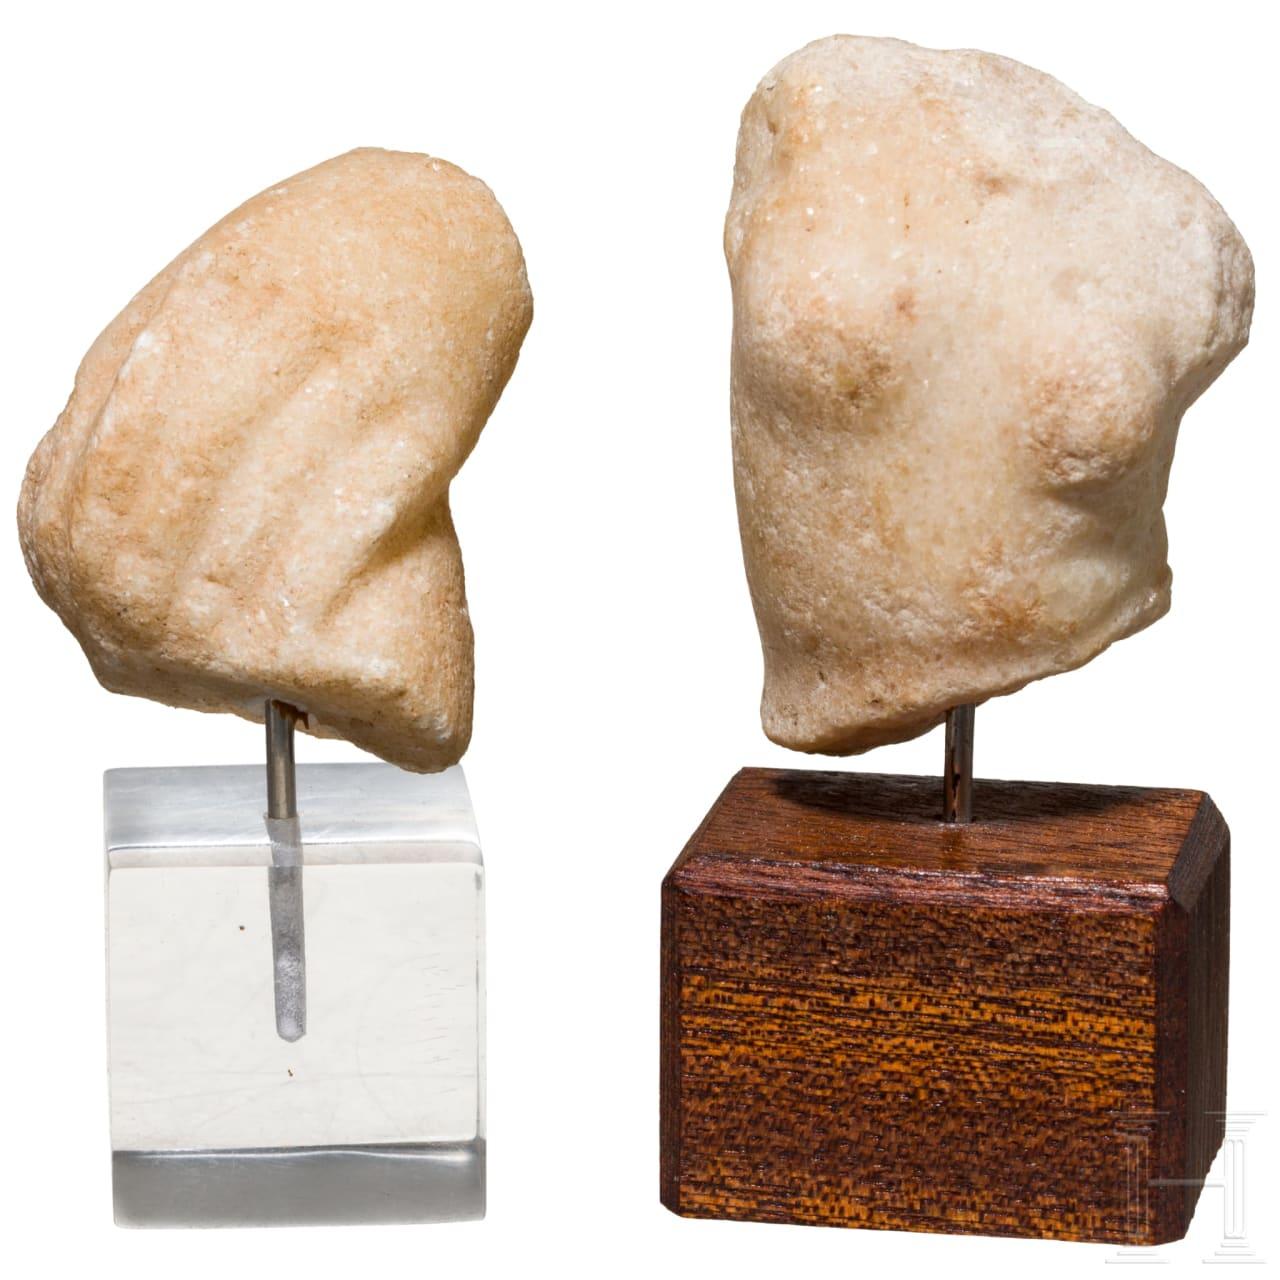 Miniaturtorso der Venus und Handfragment, Marmor, römisch, 1. Jhdt.